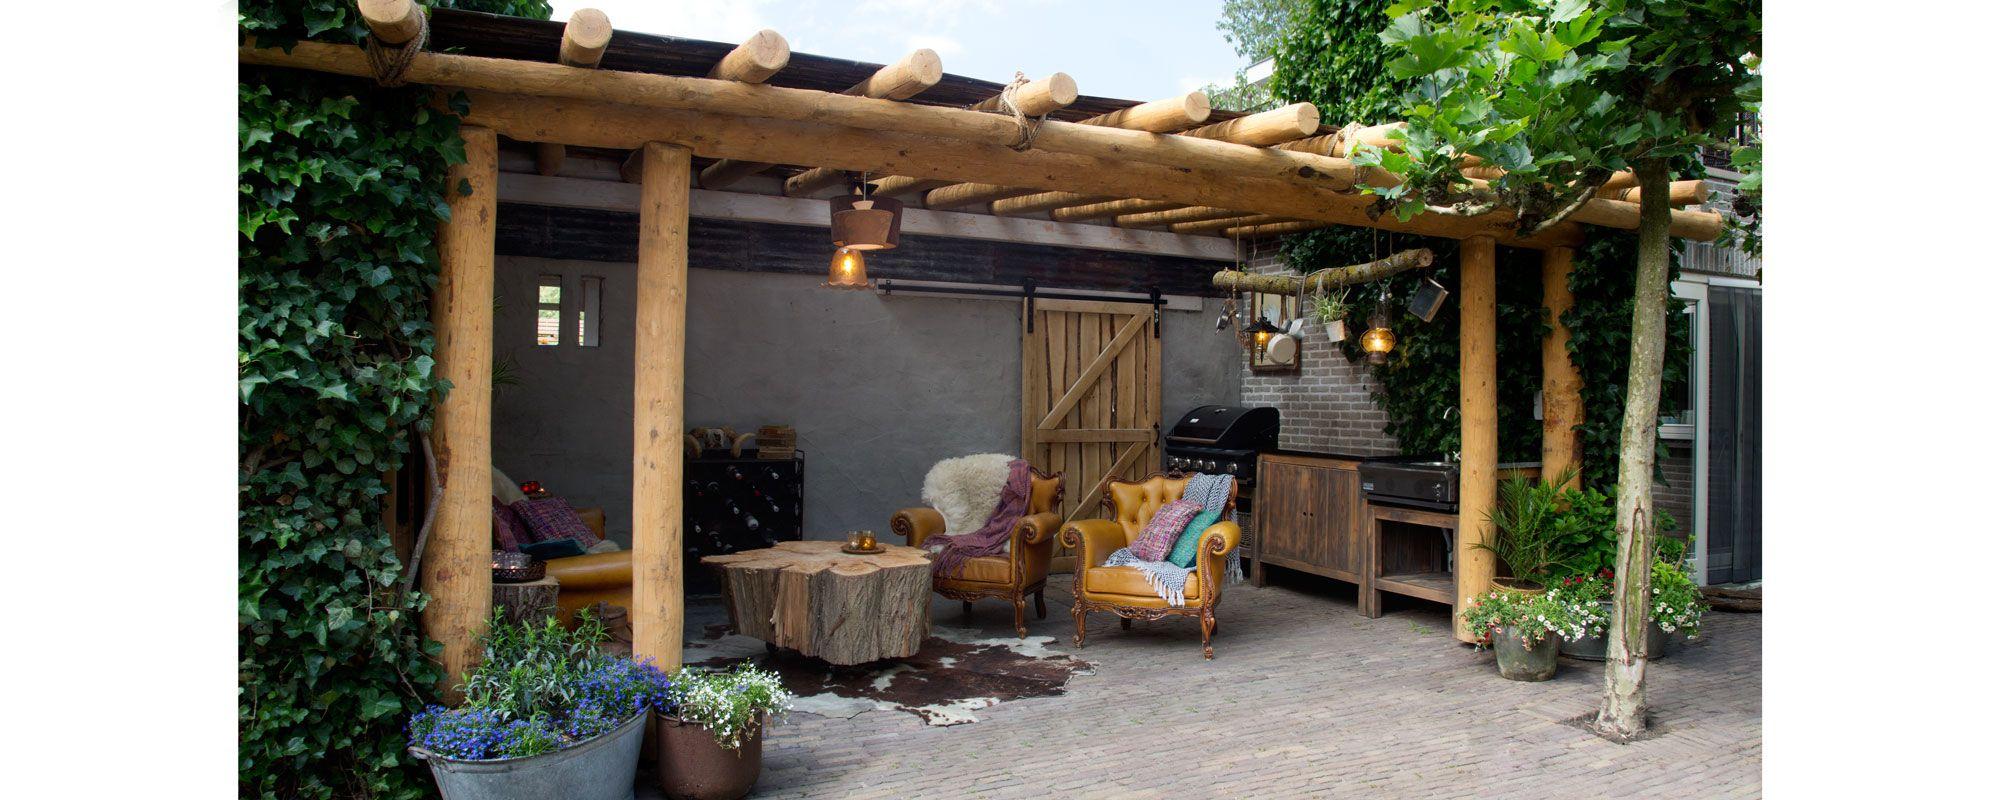 Douglas ronde palen veranda 600x400cm | Veranda's, Tuinontwerp